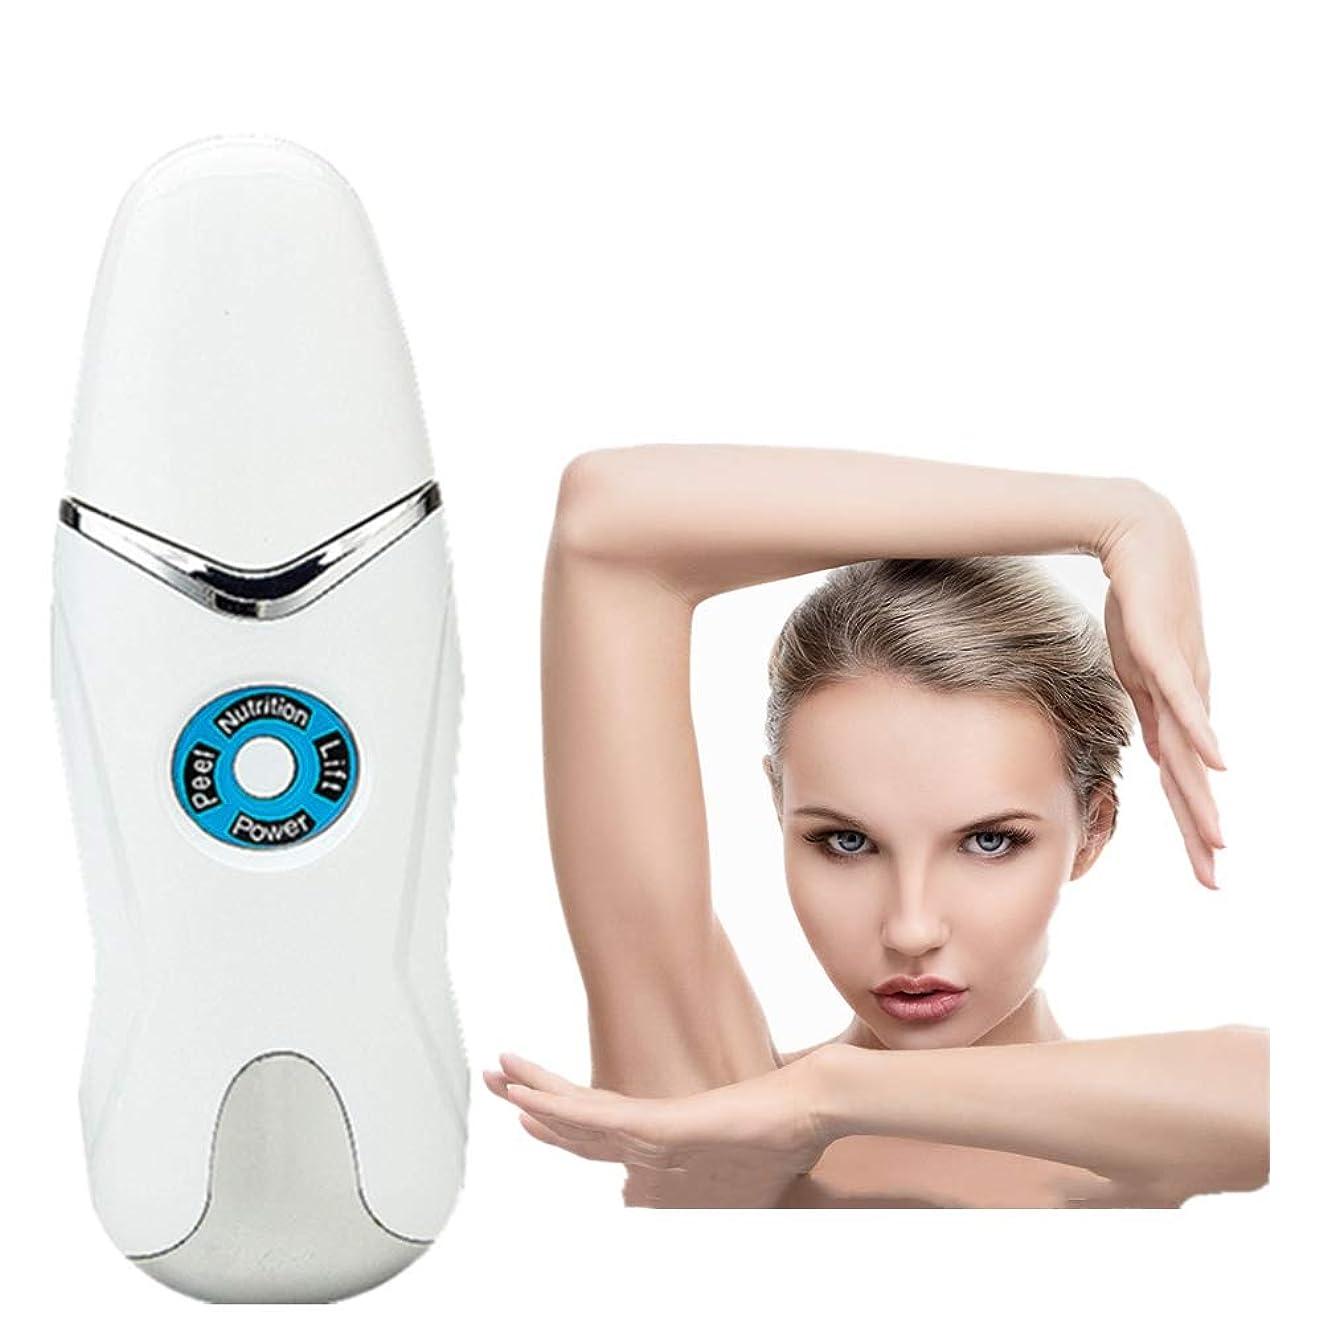 チート戦術アピール顔の皮膚スクラバーブラックヘッドリムーバー毛穴充電式スキンスクラバー光子の若返り美容皮膚クリーナーUSB充電式美容ツールEMSクリーニングイオン導入モードホワイト